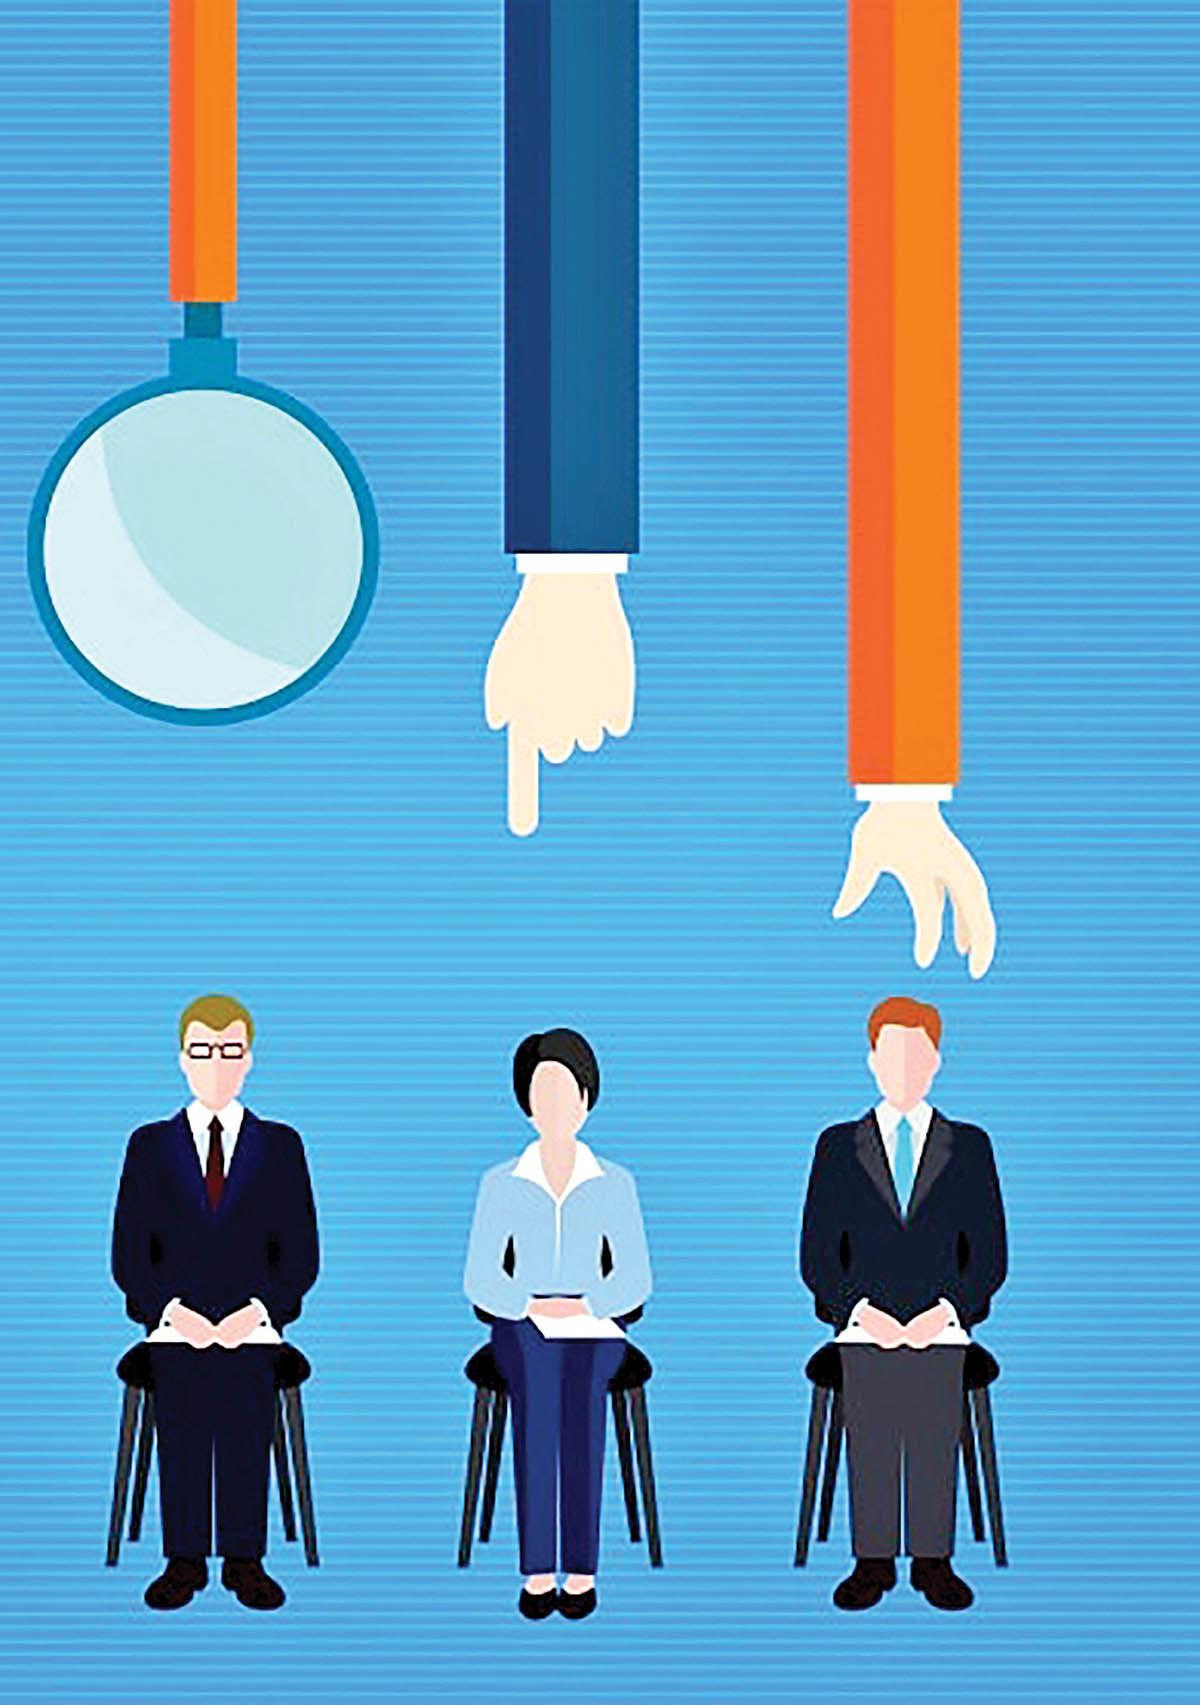 آیا مدیریت افراد بدون در نظر گرفتن شرایط ممکن است؟